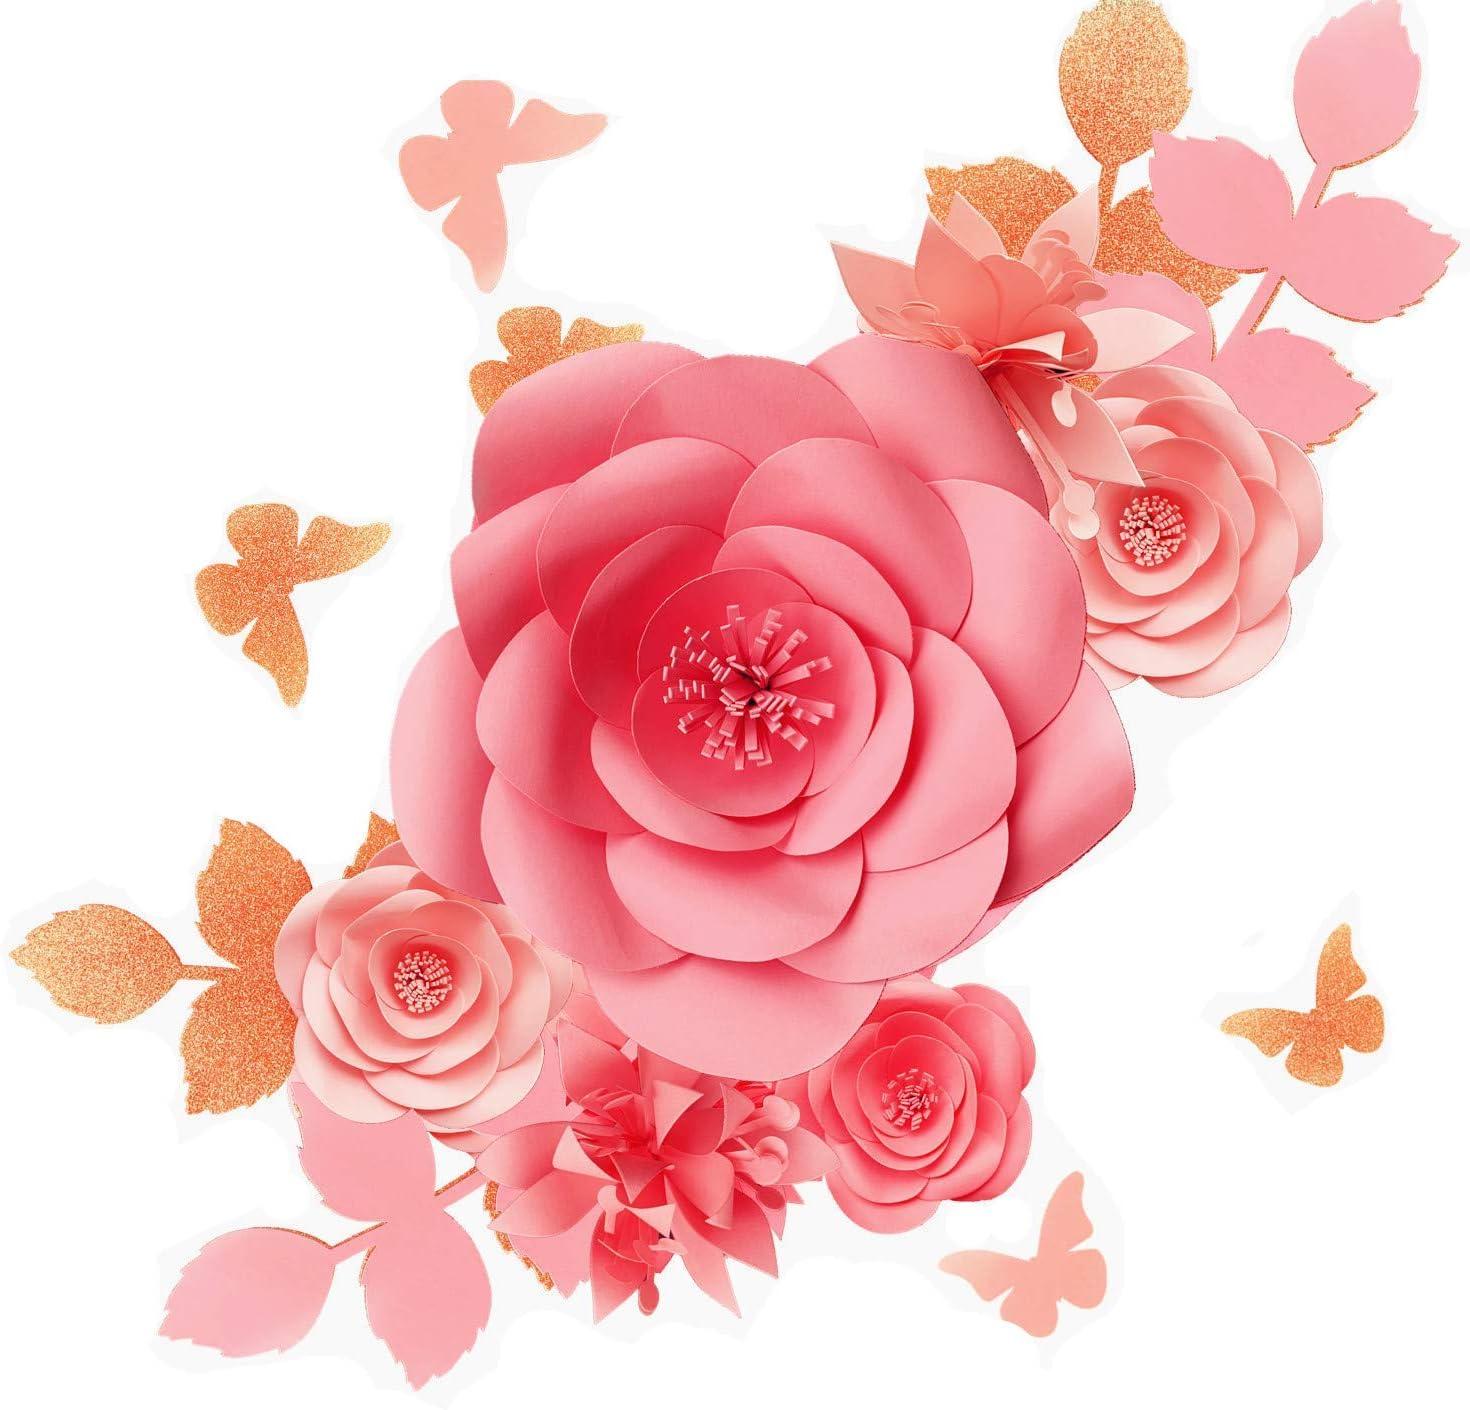 Pink Floral Backdrop for Girls Nursery Store Display Paper Flower Arrangement Set of 5 or 7 Bedroom Art Large Paper Flower Wall Decor